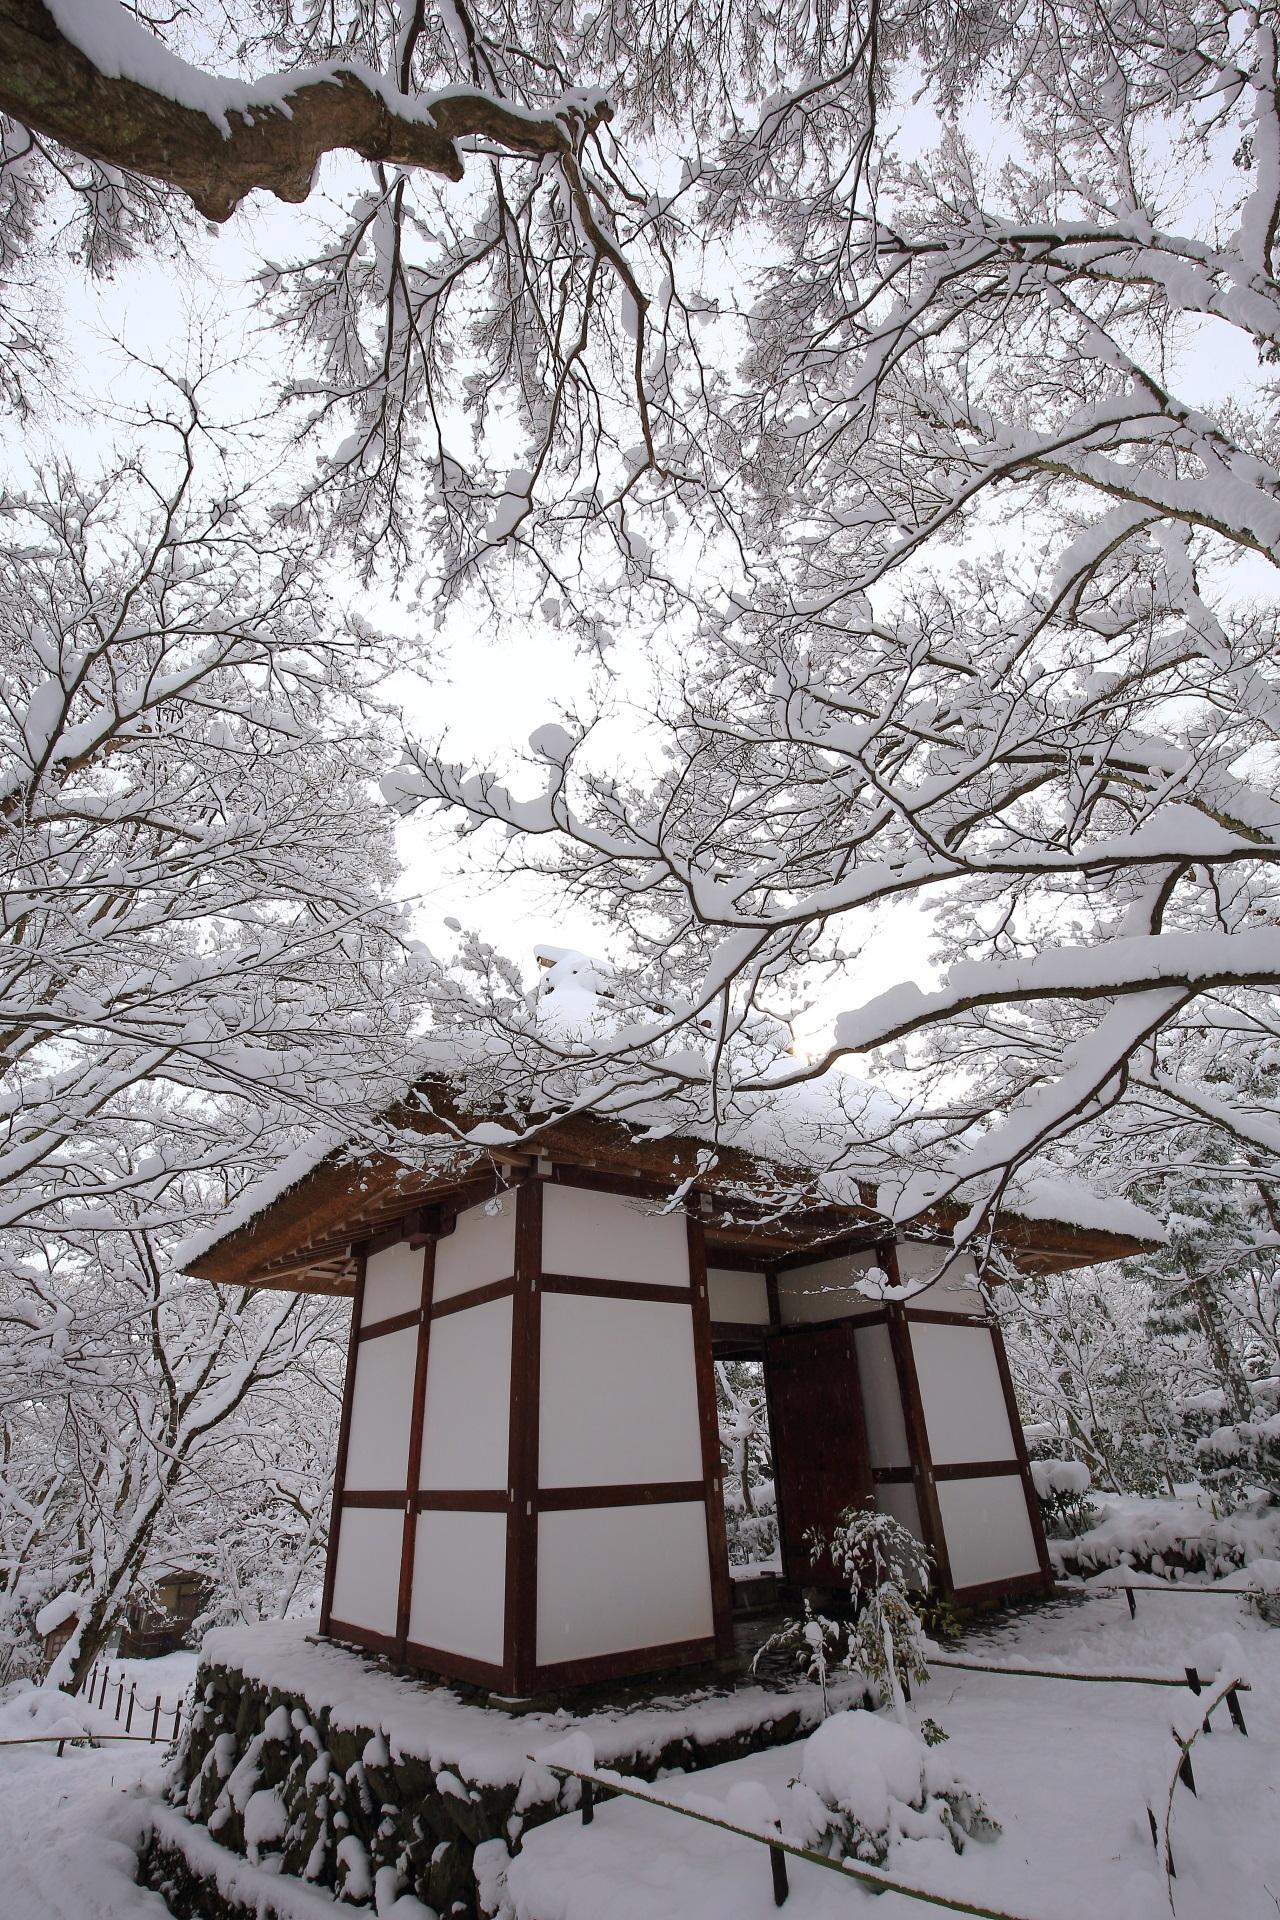 Kyoto Jyojyakko-ji Temple snowy landscape winter